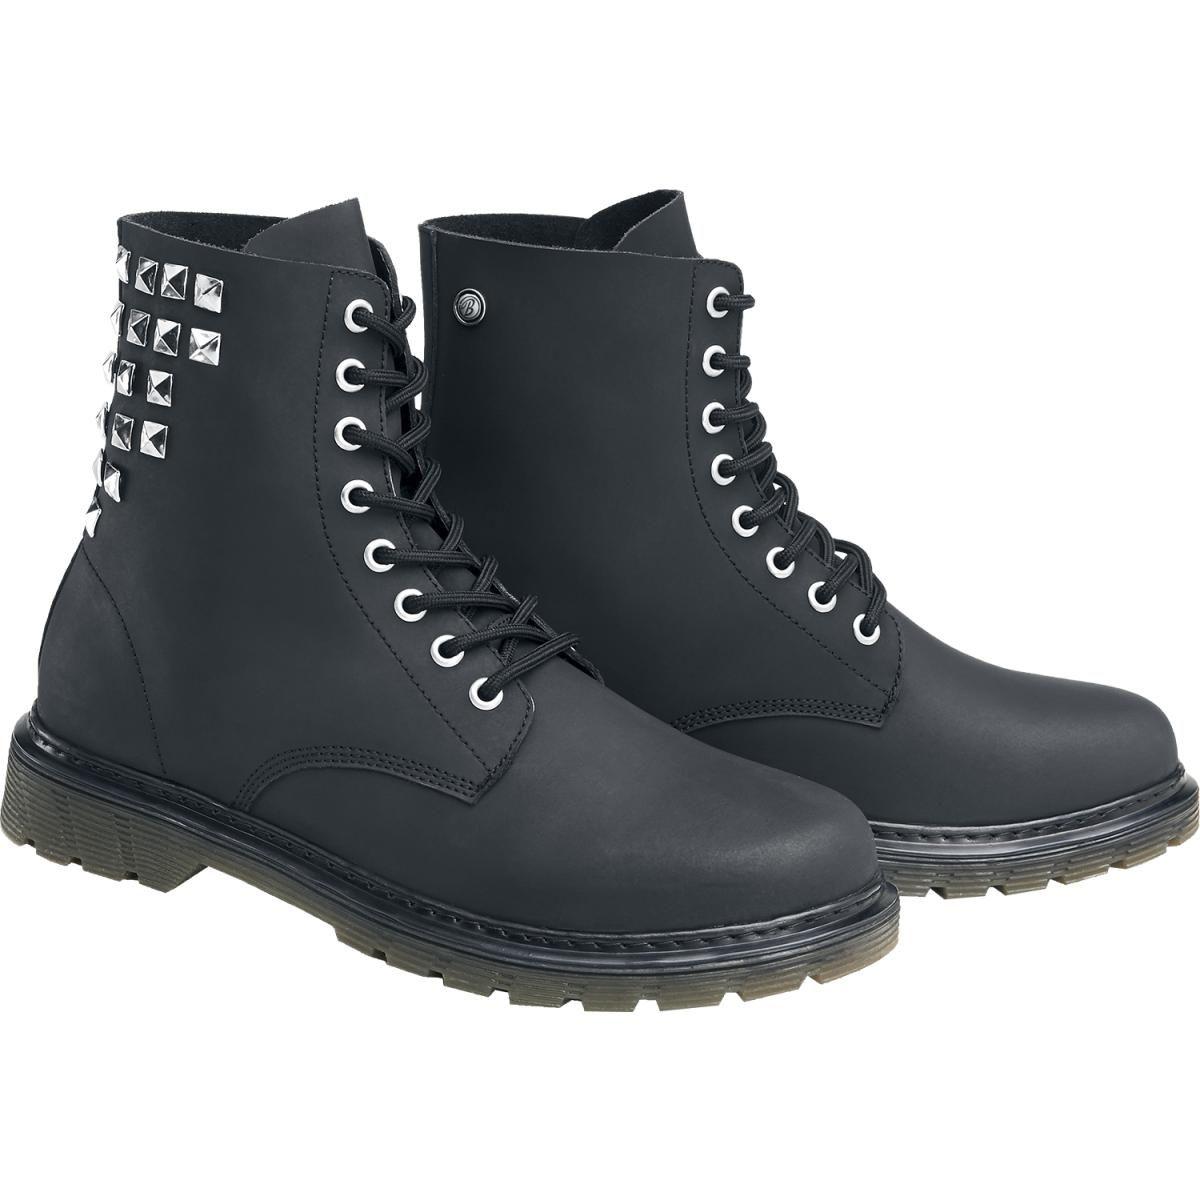 Viidet kengät, jotka jokainen mies tarvitsee